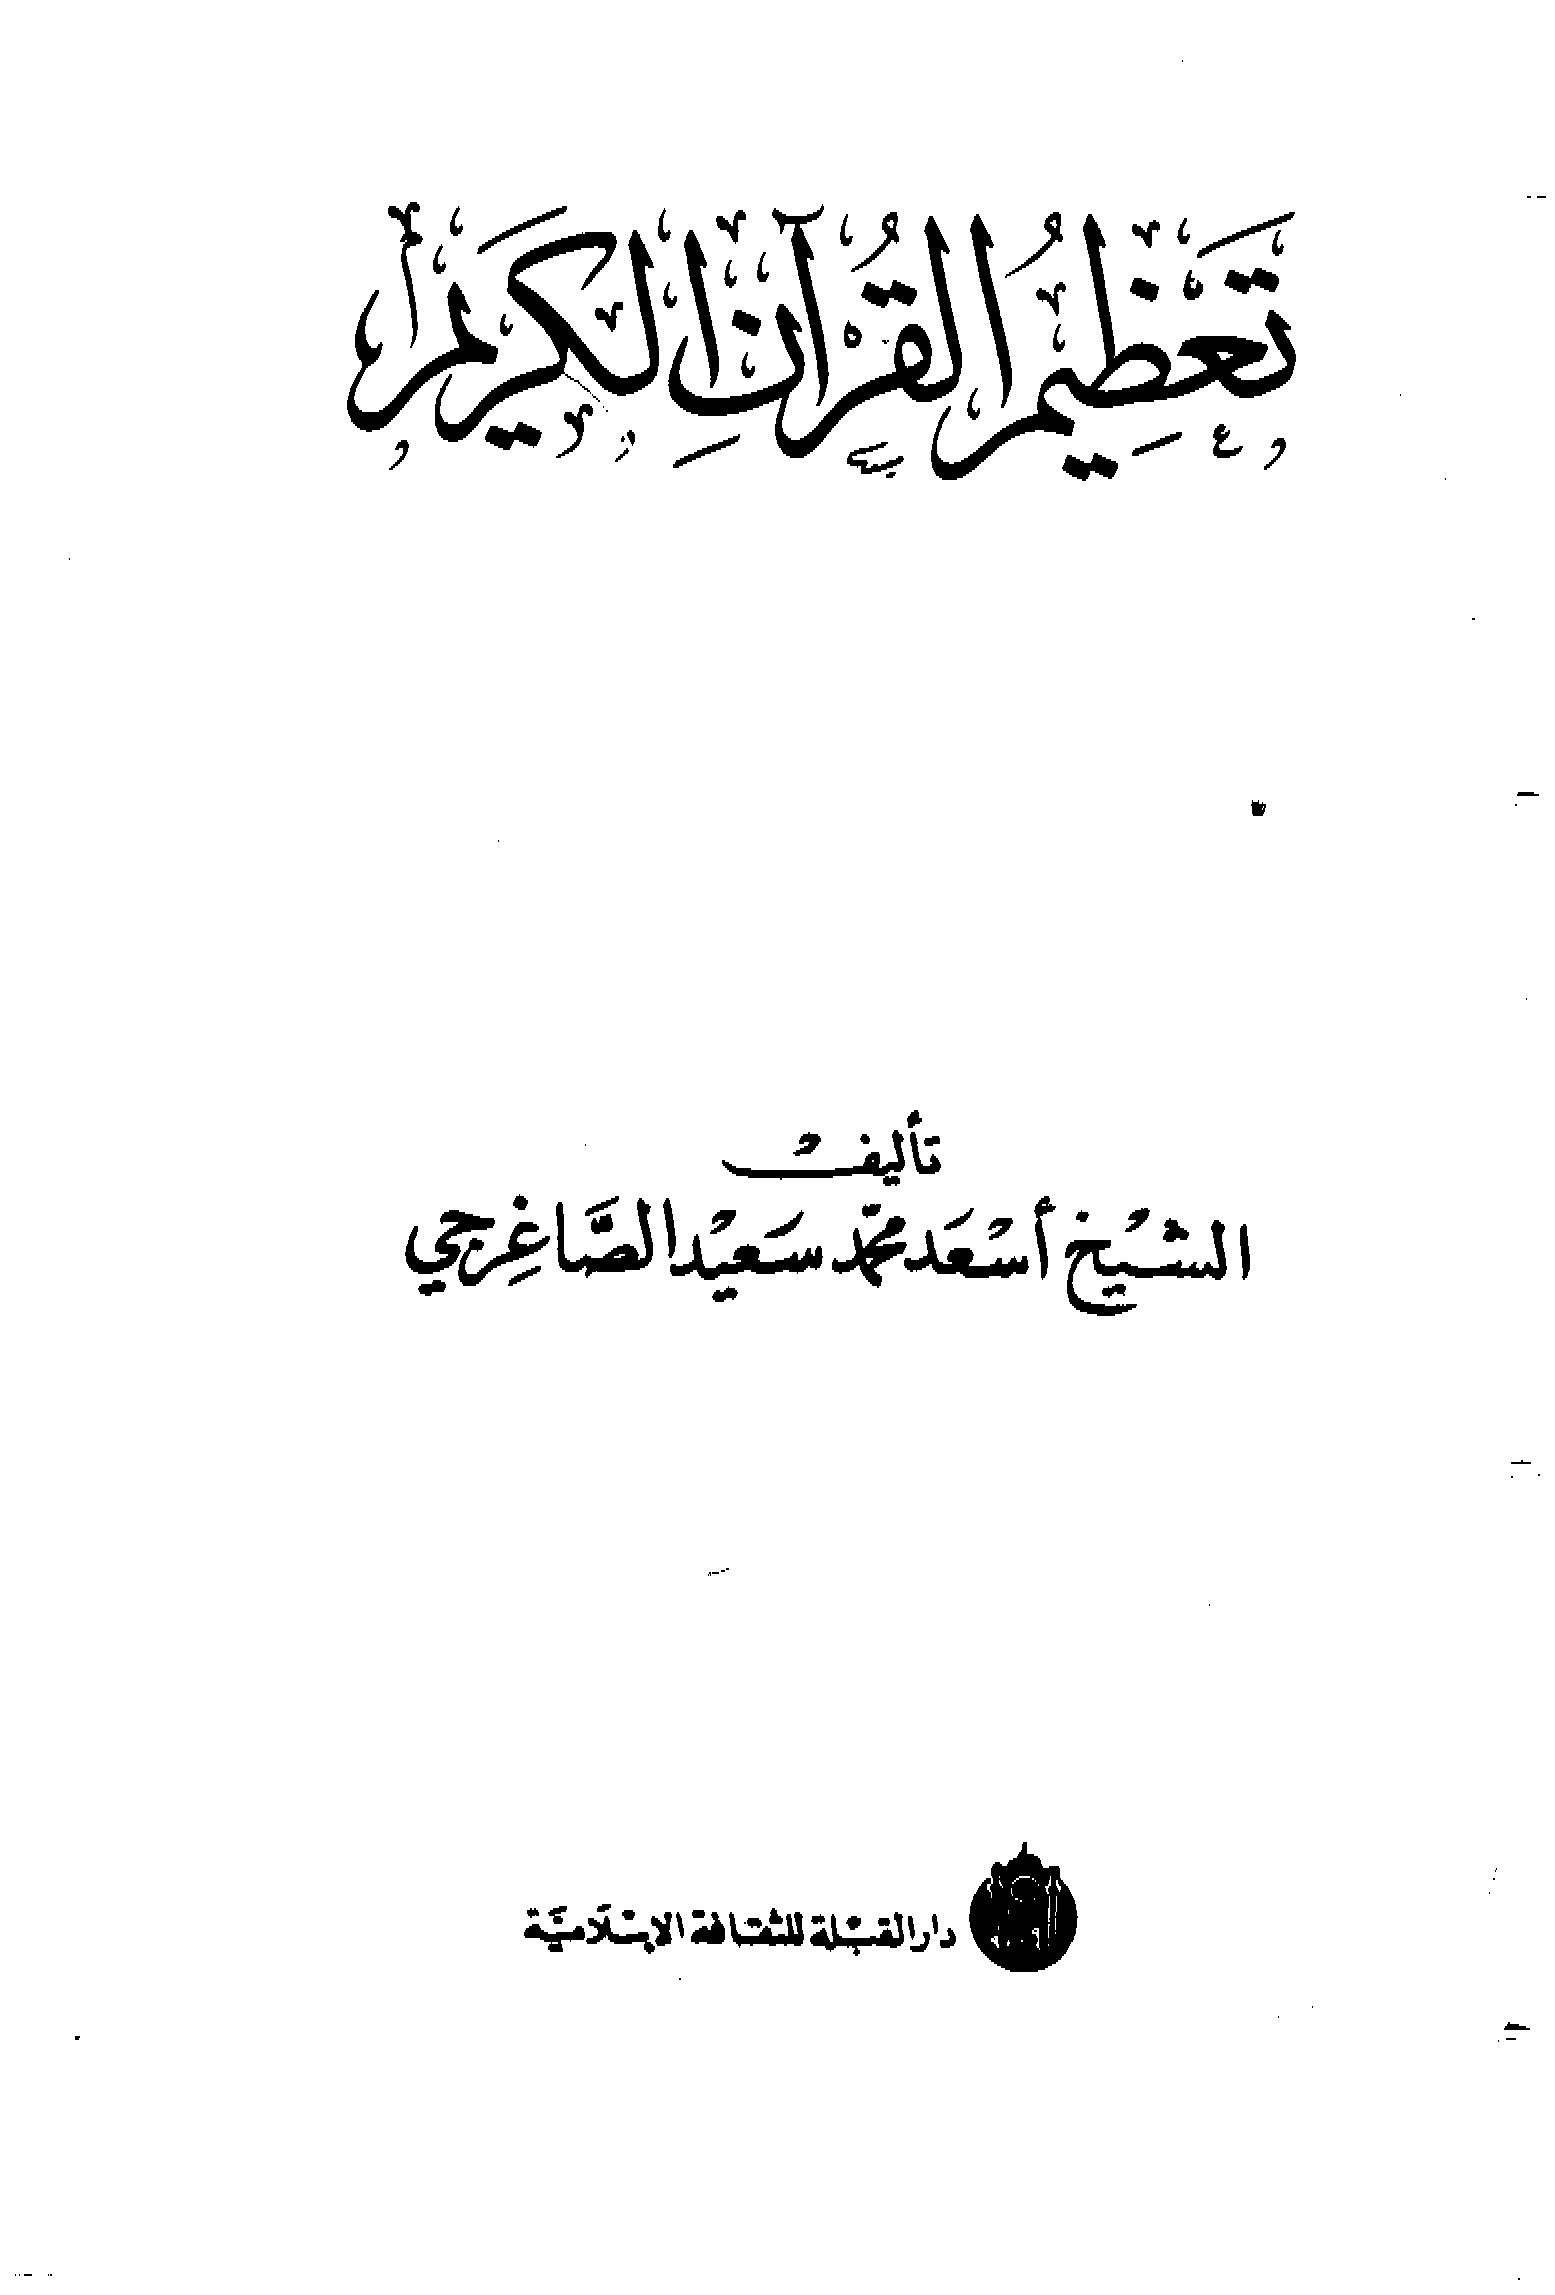 تحميل كتاب تعظيم القرآن الكريم لـِ: الشيخ أسعد محمد سعيد الصاغرجي